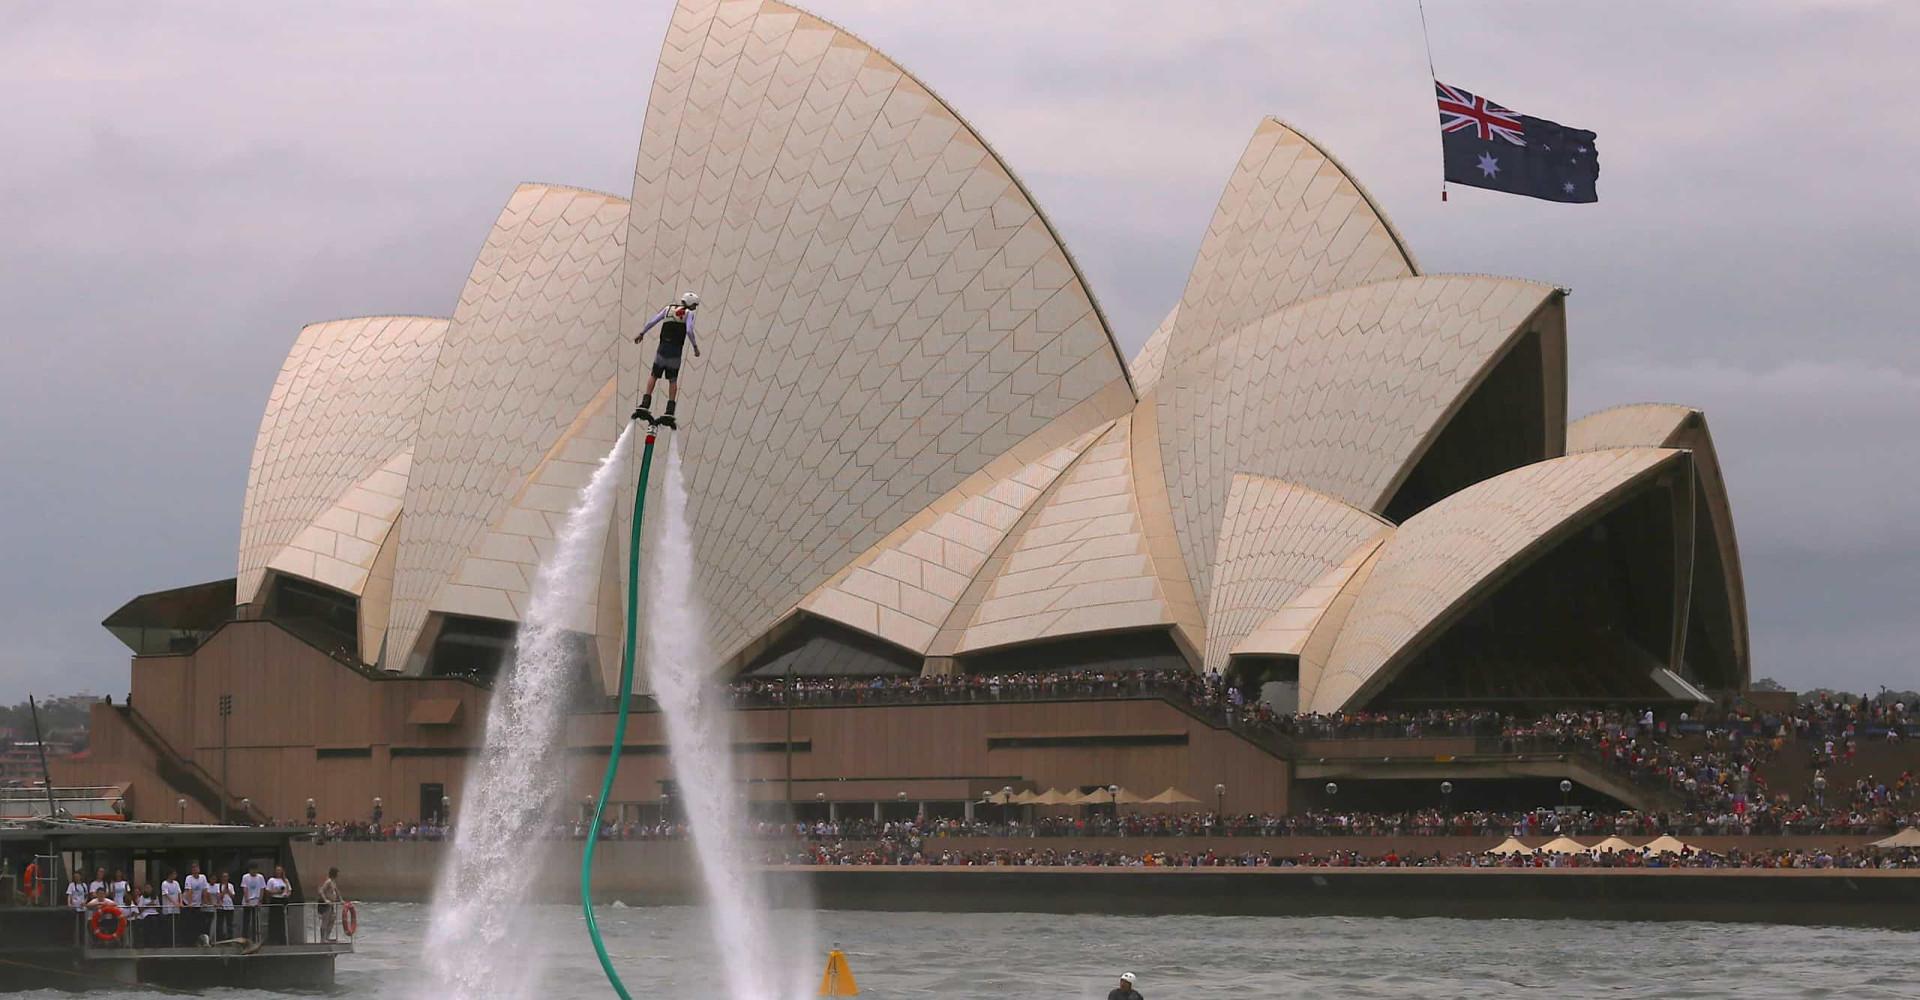 Adrenaline junkies unite! Extreme sports down under